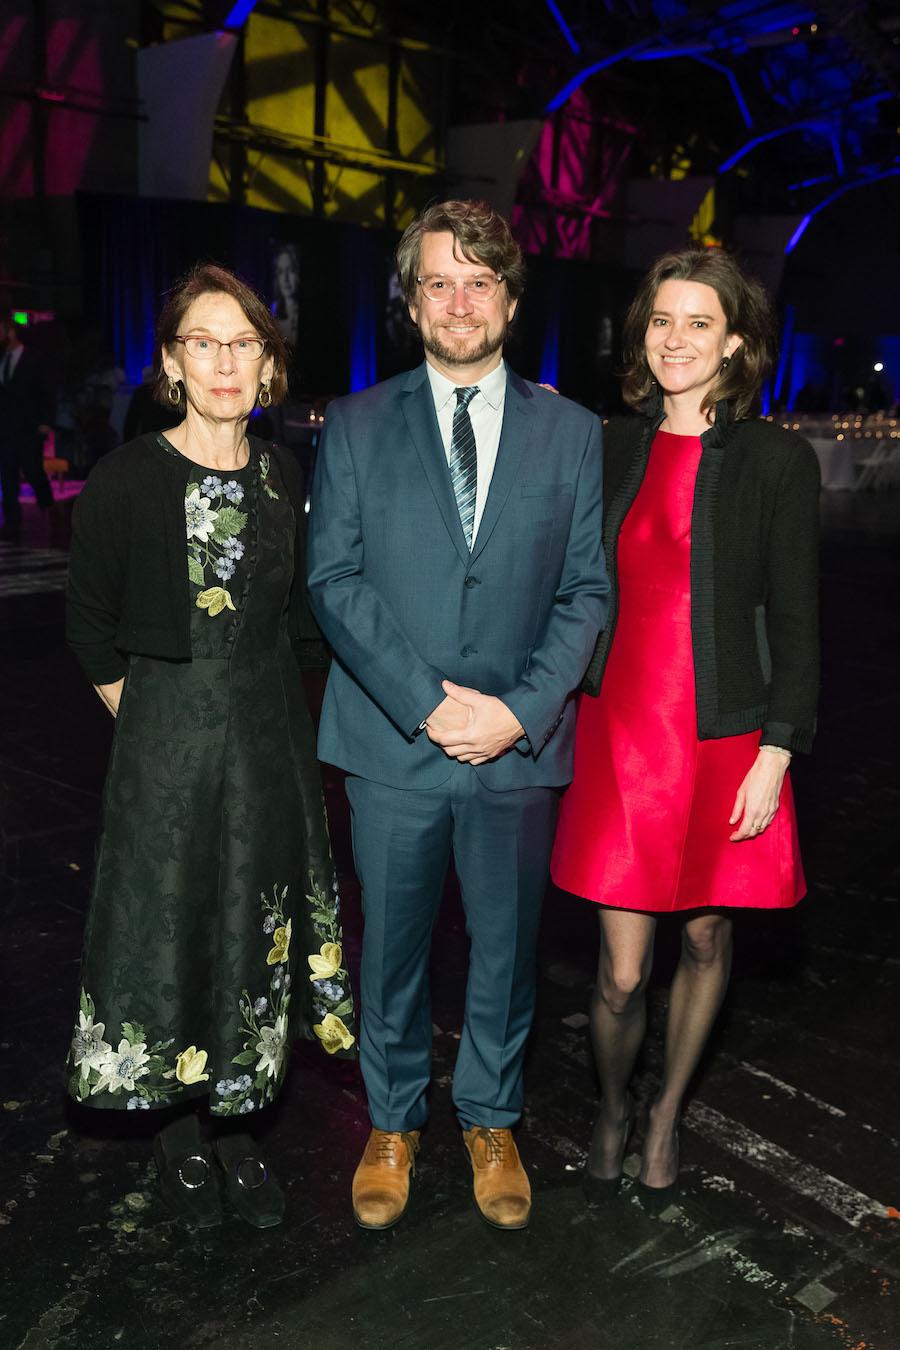 Charlotte Winton, John O'Rourke and Kirsten Strobel